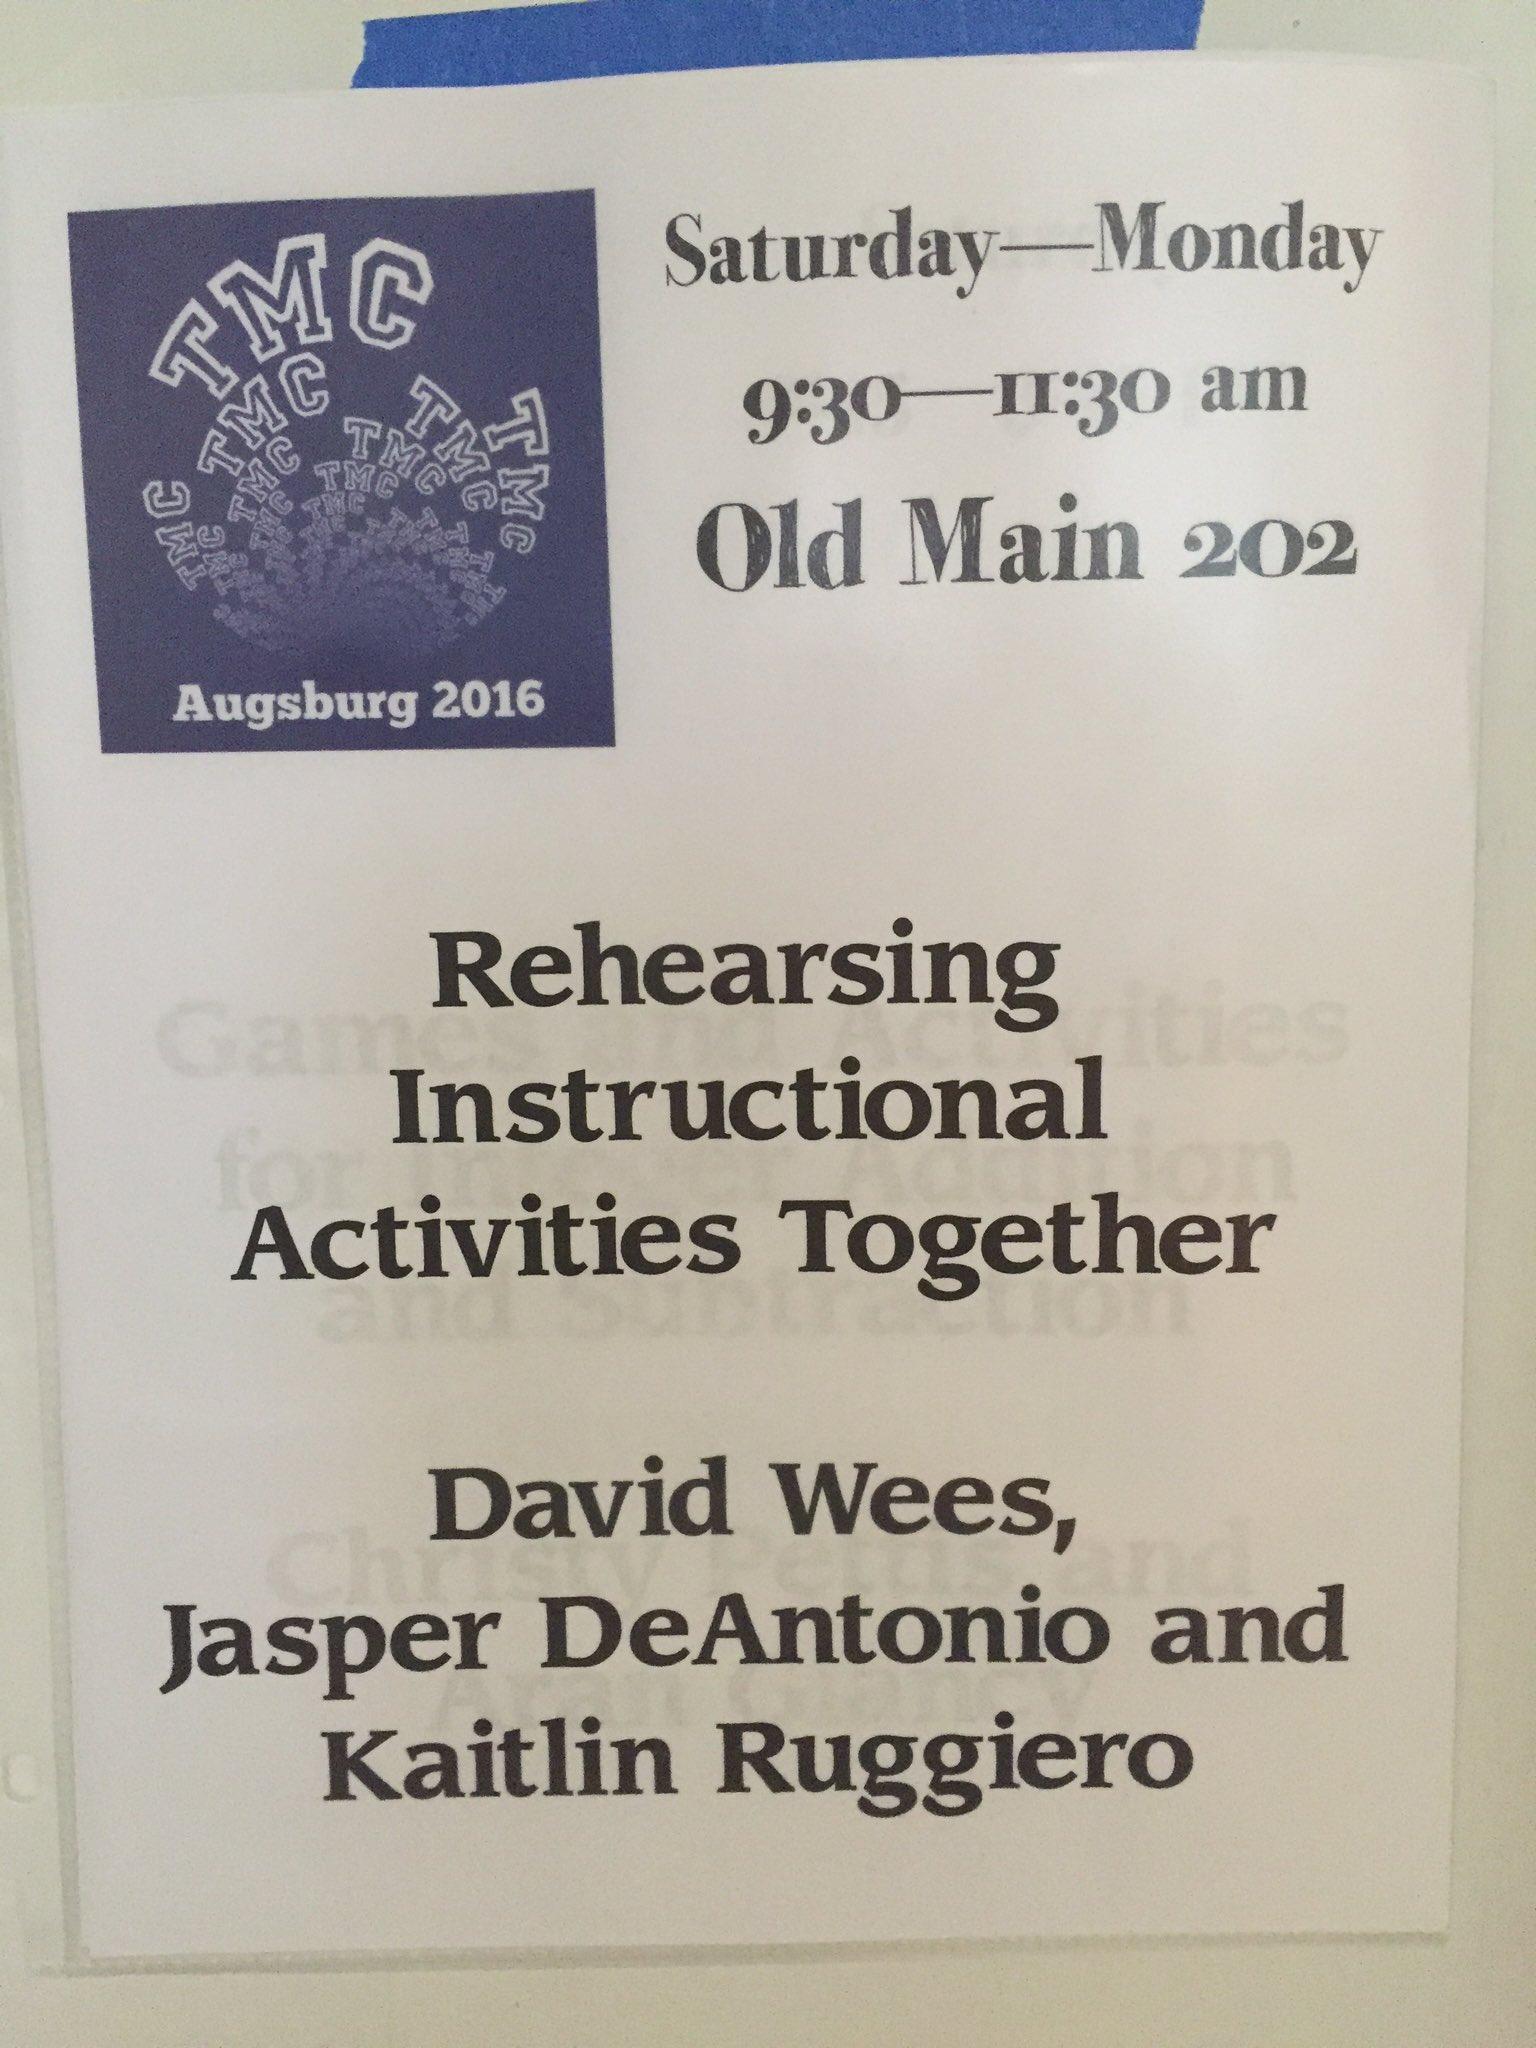 @davidwees @jasperdeantonio Our room is open! #tmc16 https://t.co/hzxPAfrAKQ